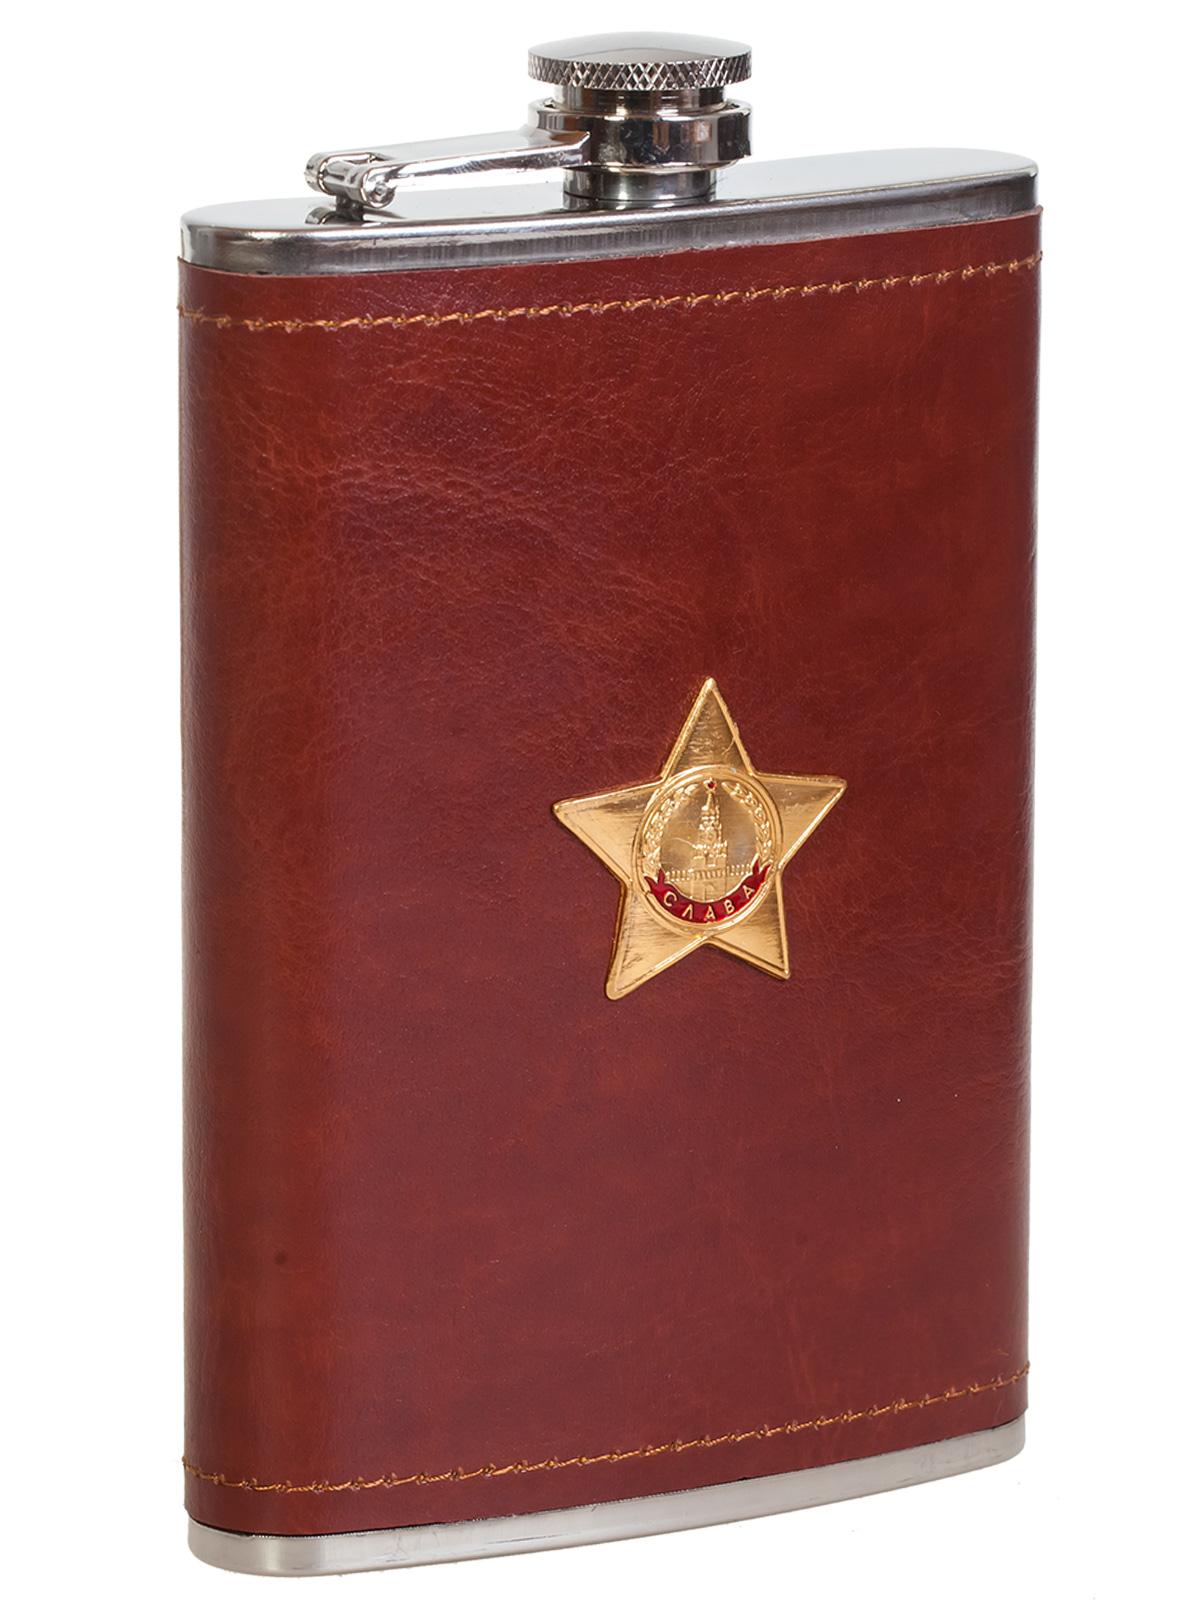 Купить подарочную фляжку в кожаной оплетке с Орденом Славы с доставкой или самовывозом